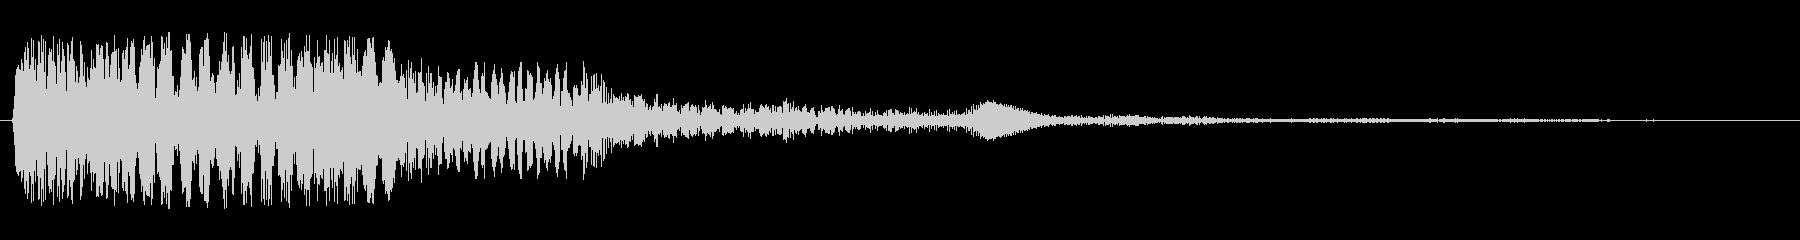 ボォワァワァワァ〜ンの未再生の波形